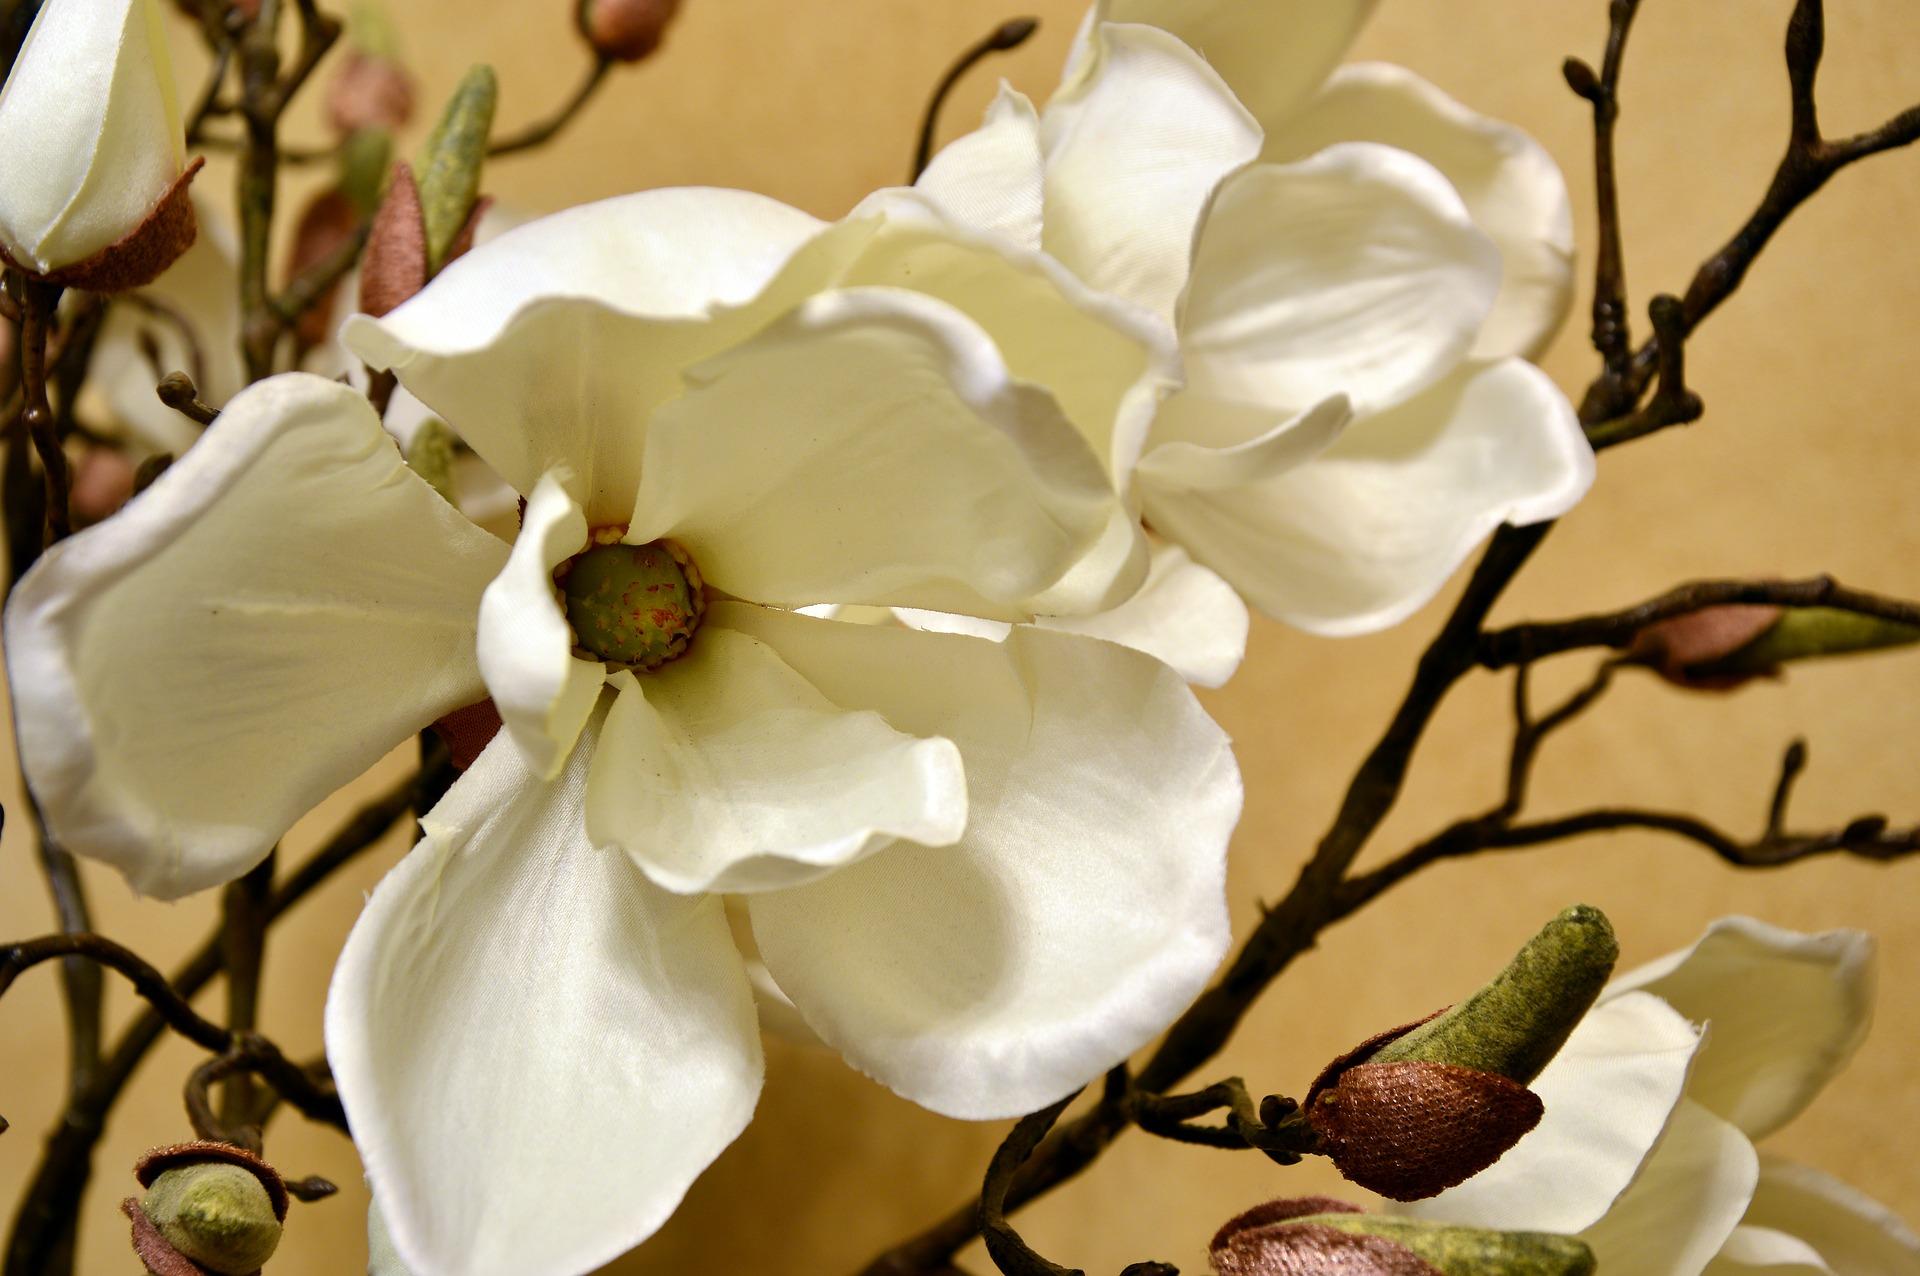 blossom-3827769_1920.jpg